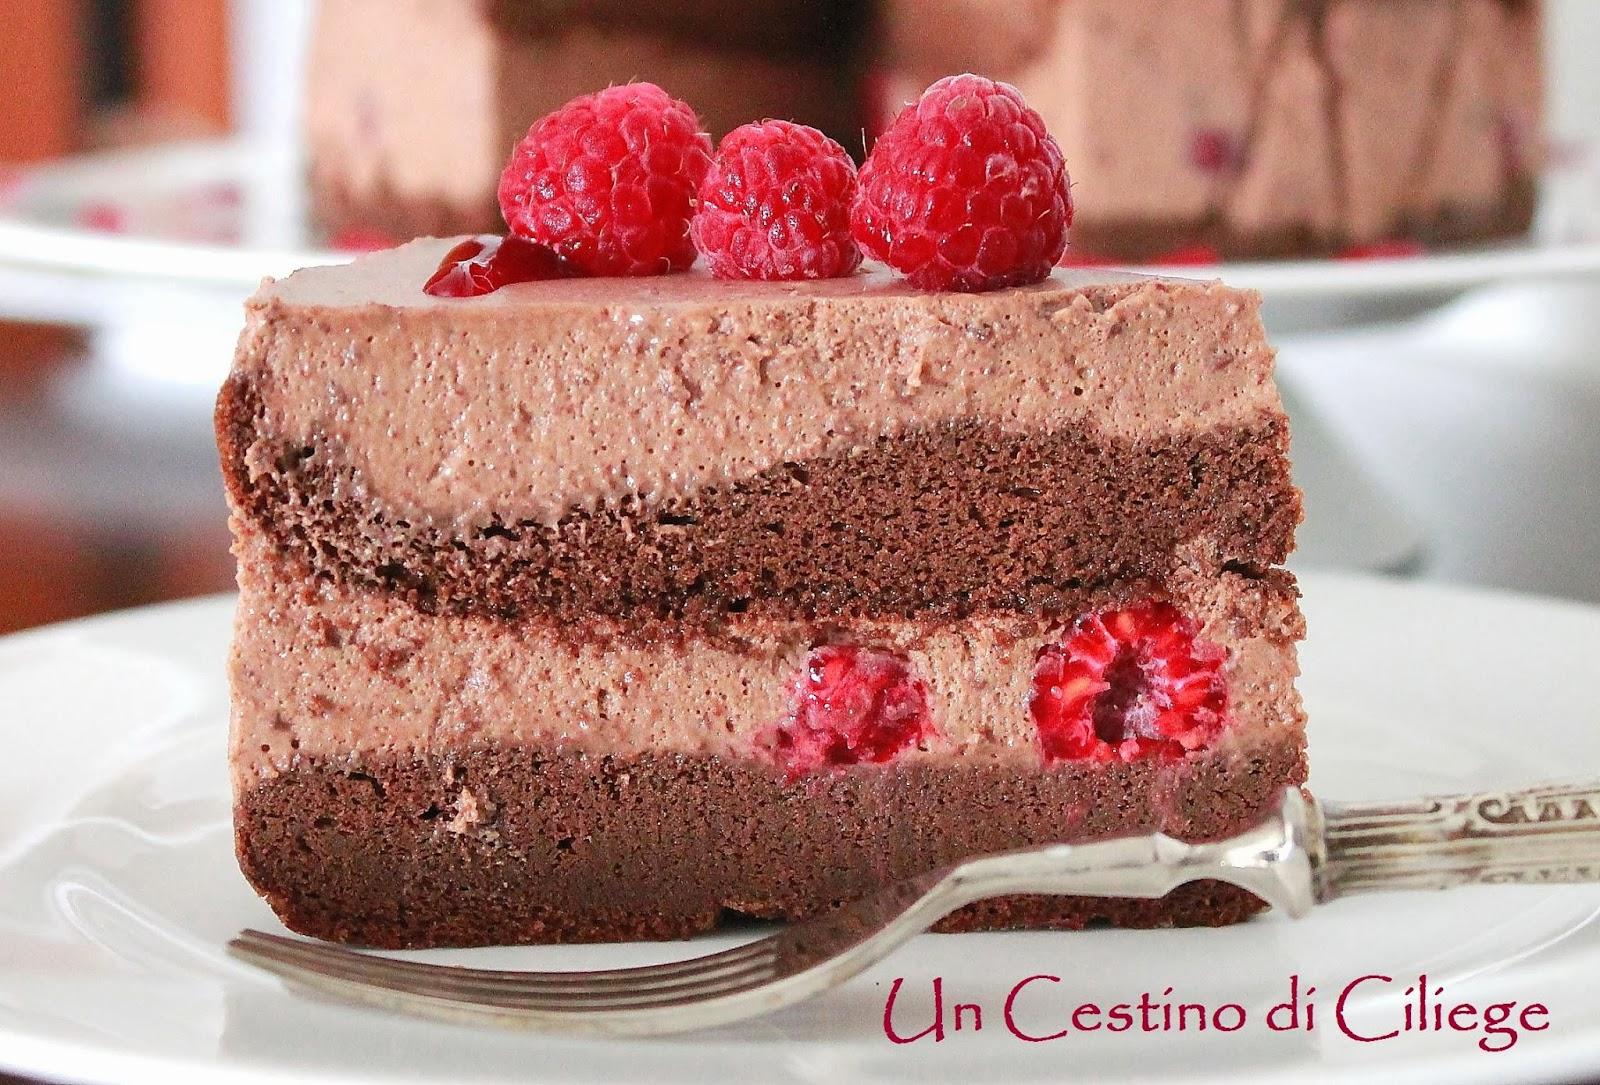 Preferenza Un cestino di ciliege: Torta al Cioccolato Fondente e Lamponi con  NS87